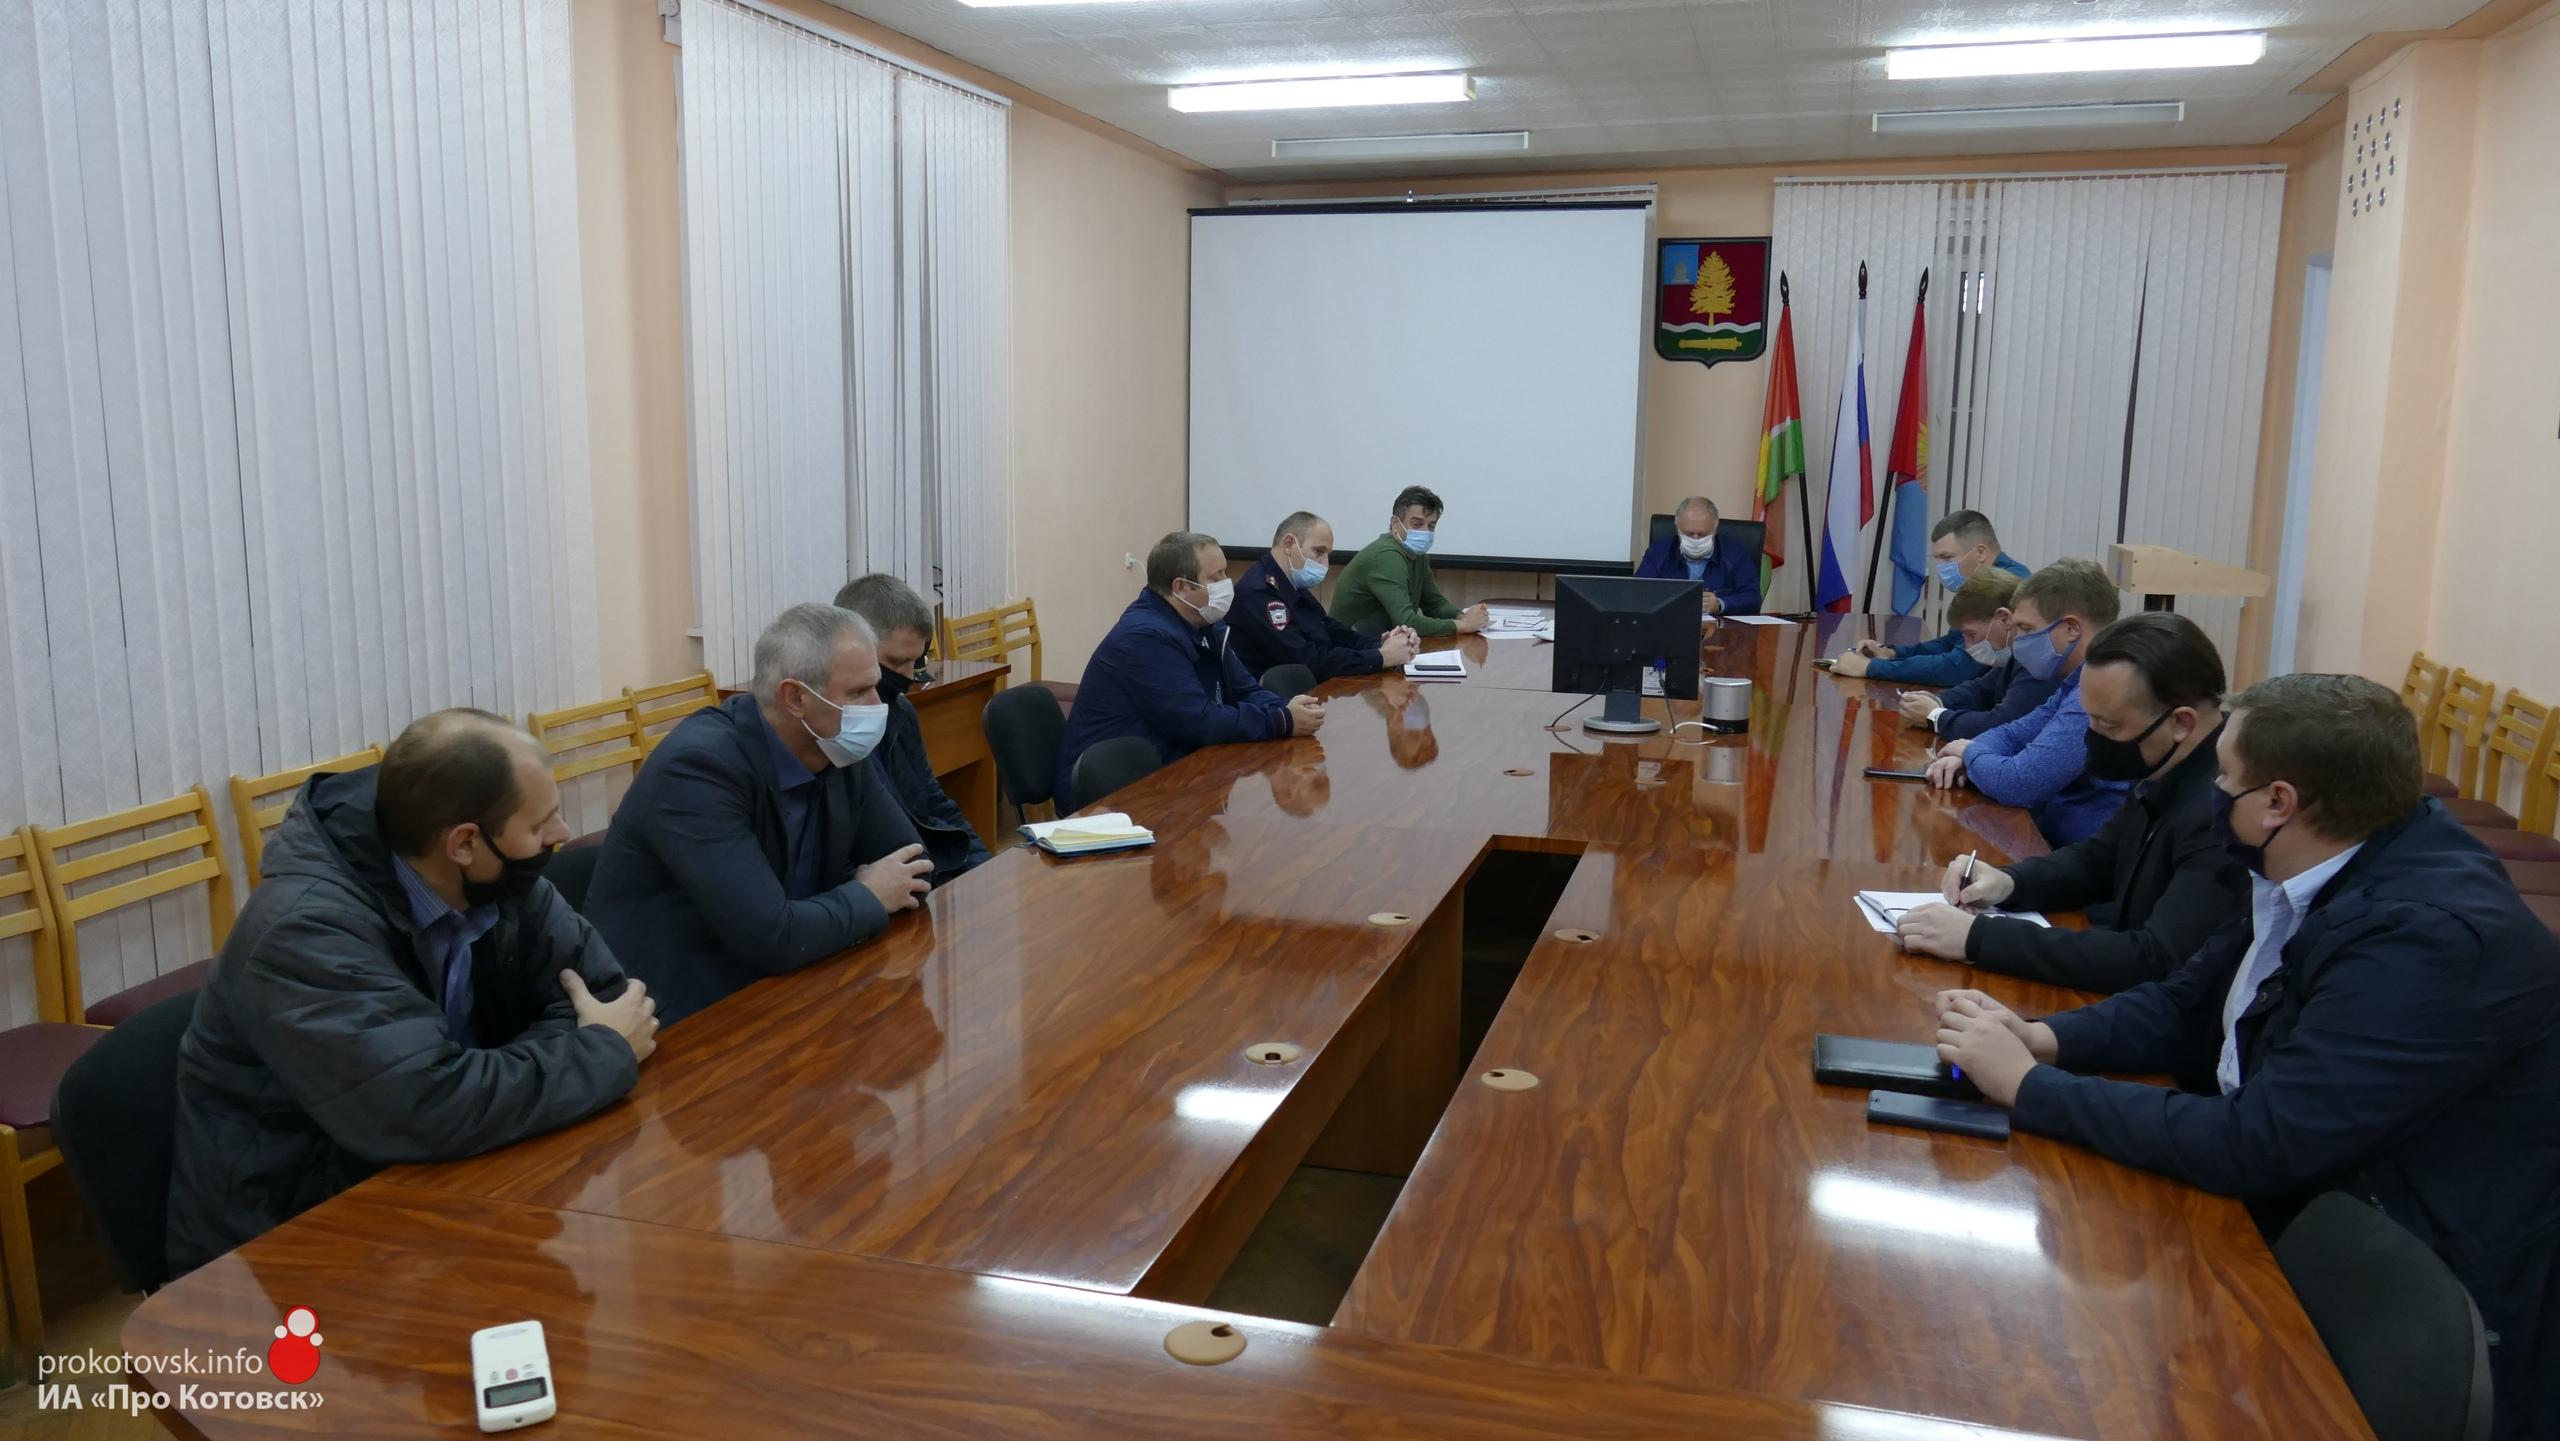 В Котовске началась Всероссийская командно-штабная тренировка по гражданской обороне